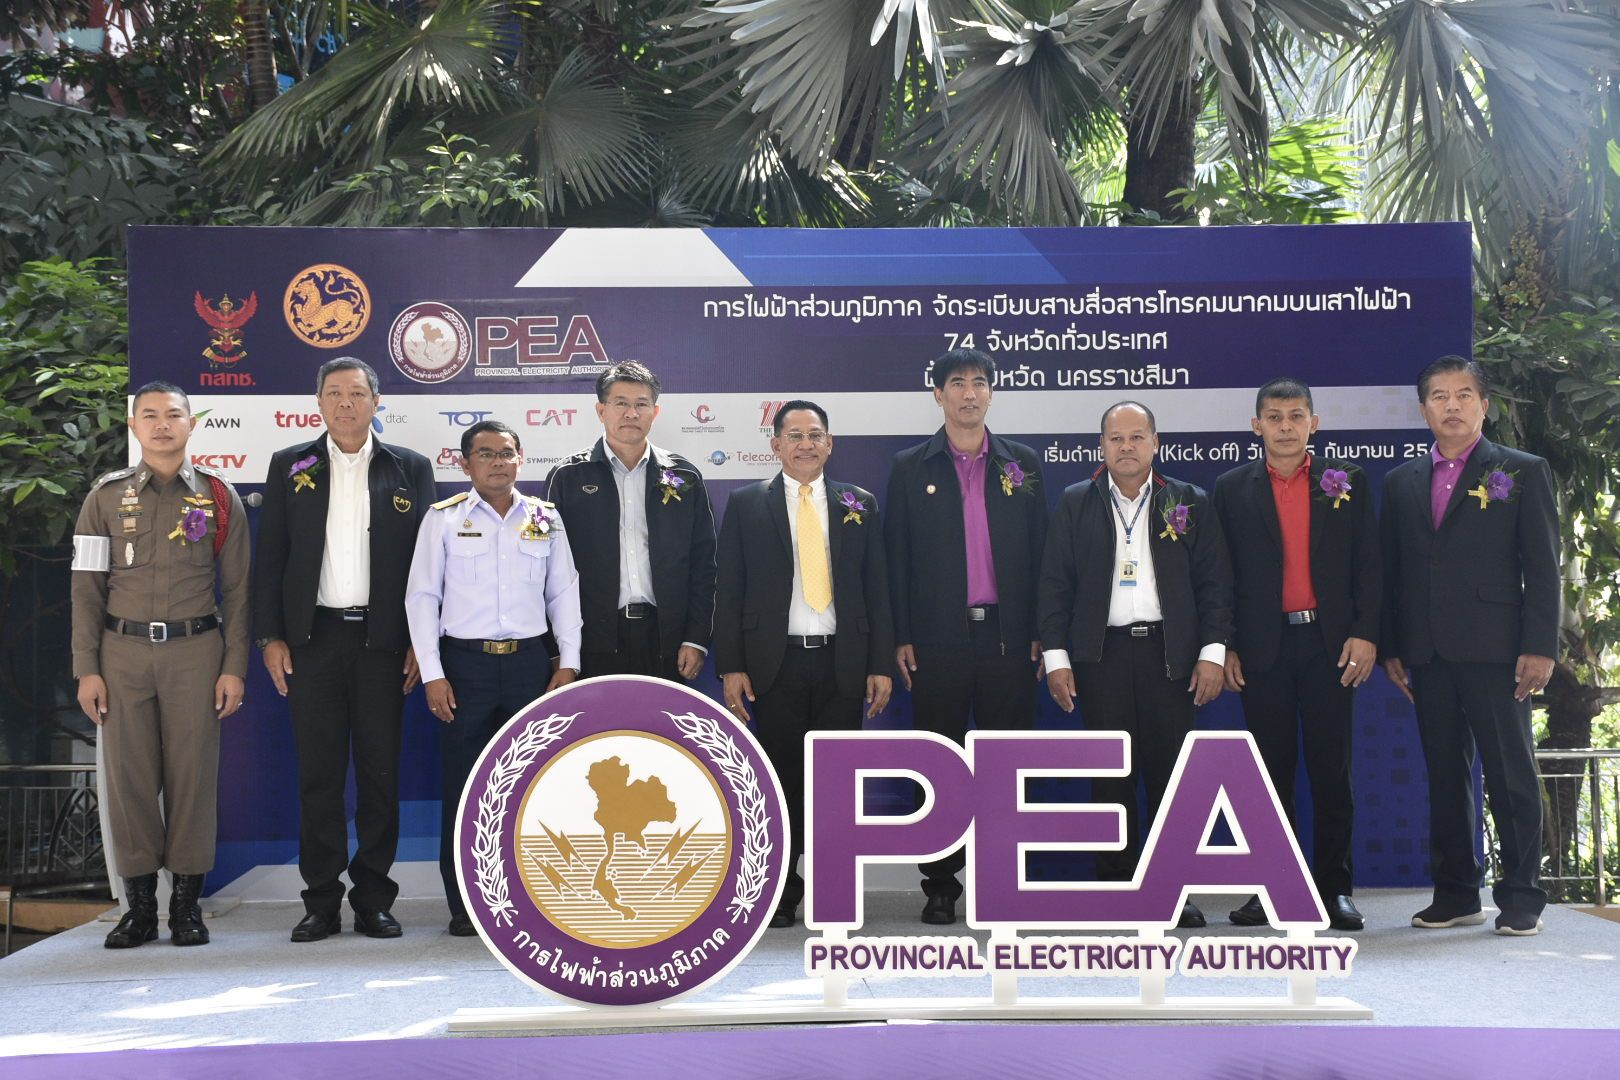 ได้เวลาจัดระเบียบเมือง ! PEA จับมือผู้ประกอบการธุรกิจสื่อสารจัดระเบียบสายสื่อสารโทรคมนาคมพร้อมกันทั่วประเทศ